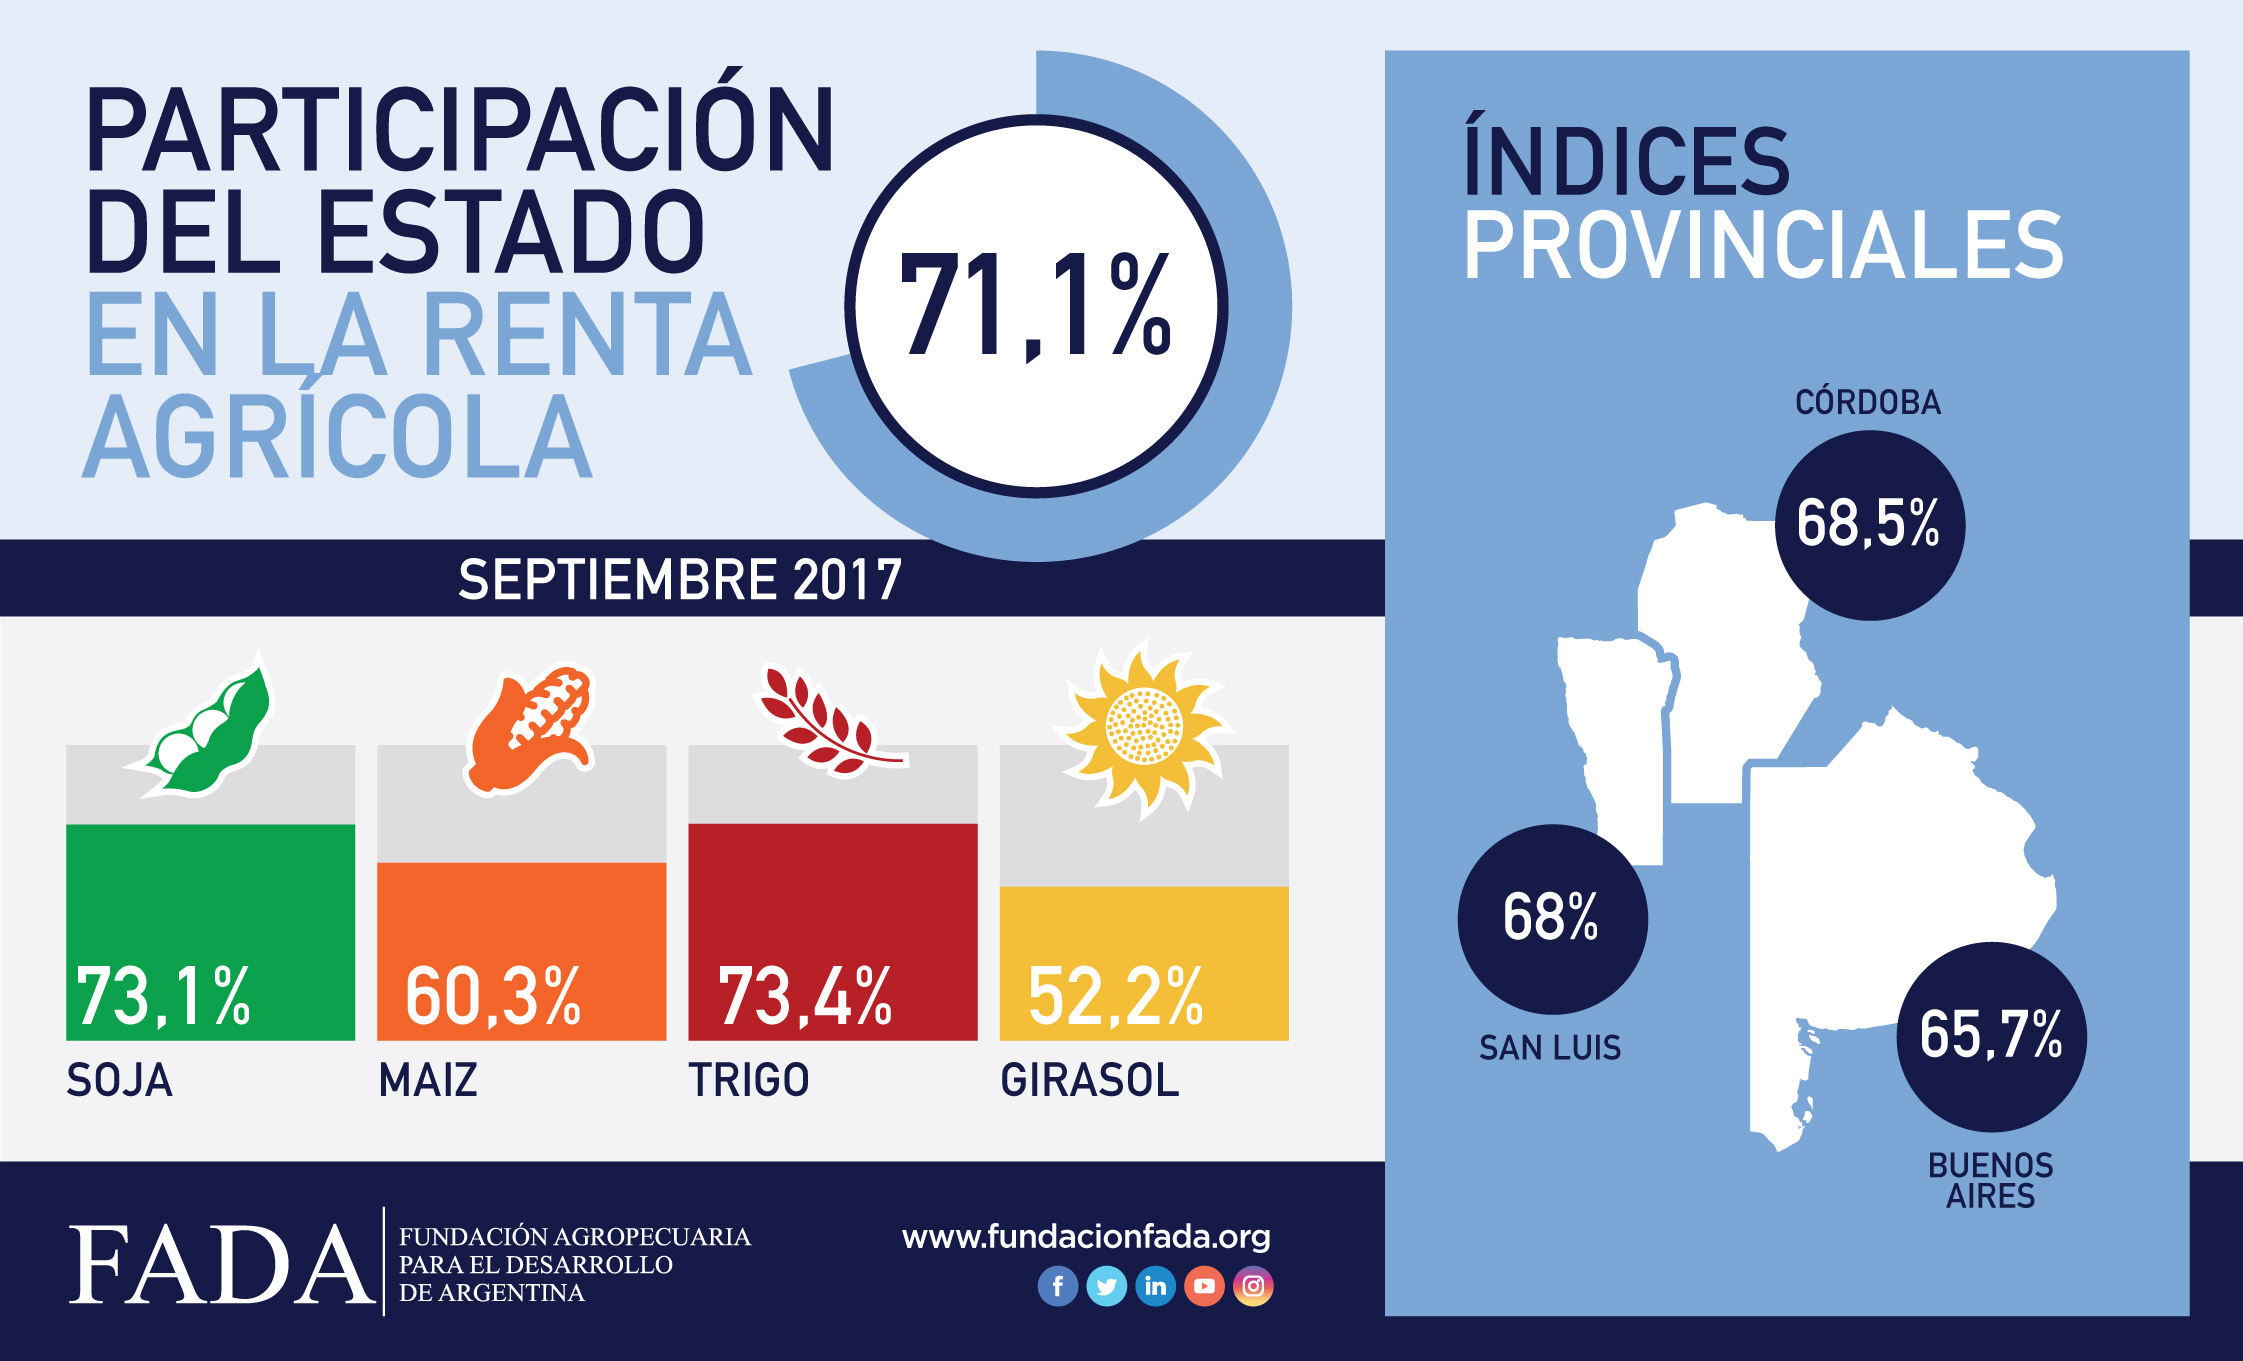 Índice FADA Septiembre 2017: 71,1%